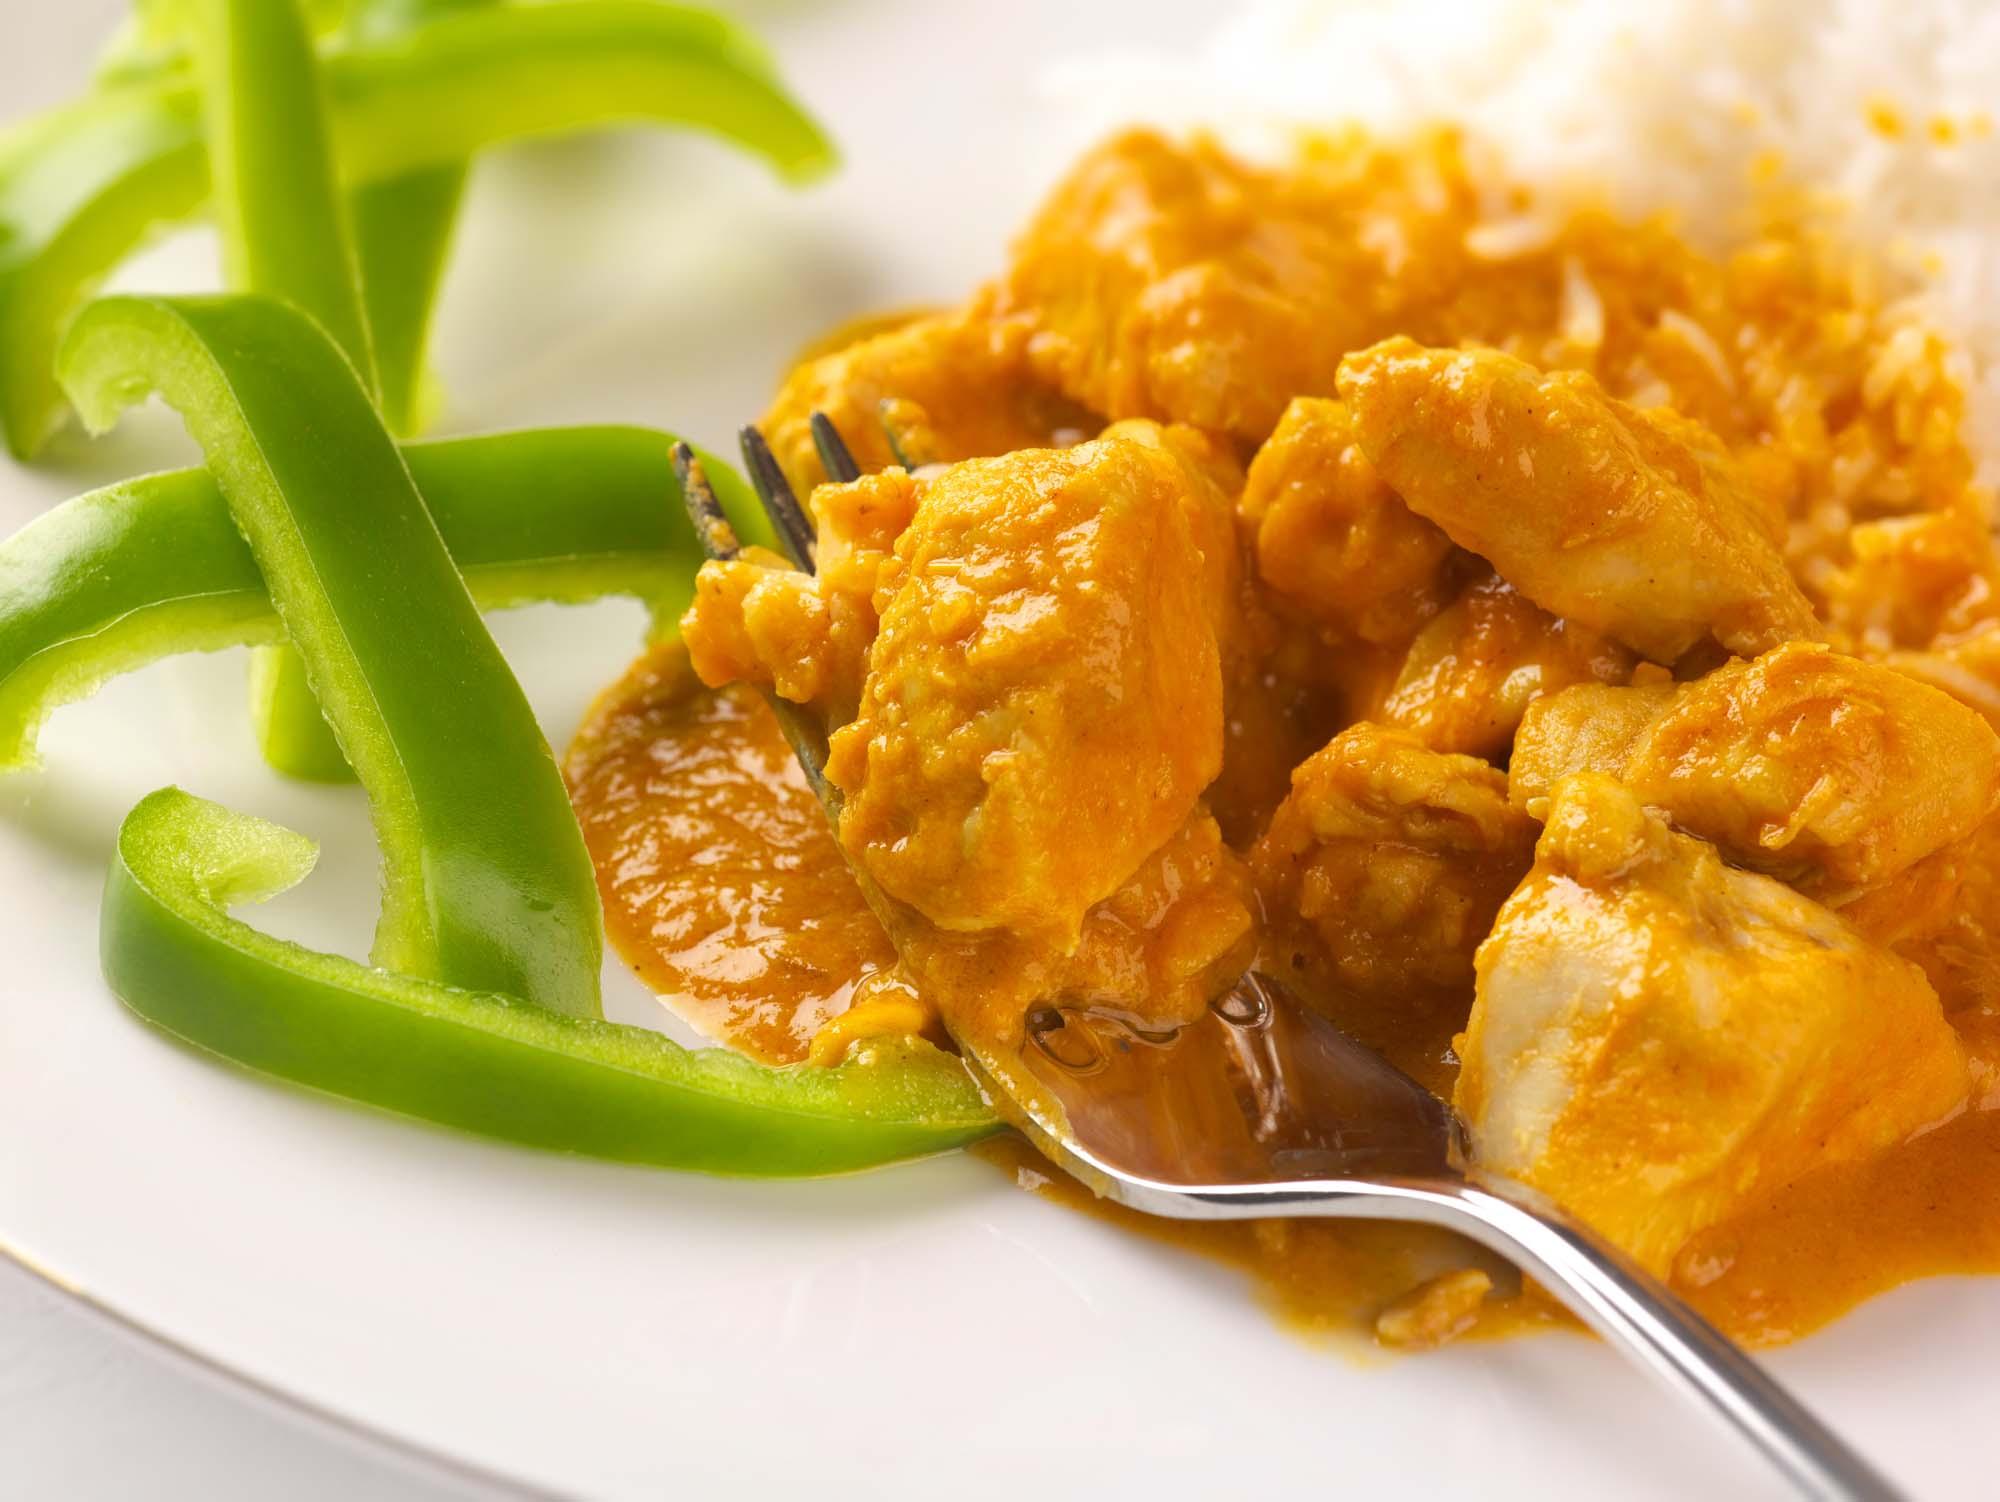 Matooke med kylling i peanut sauce